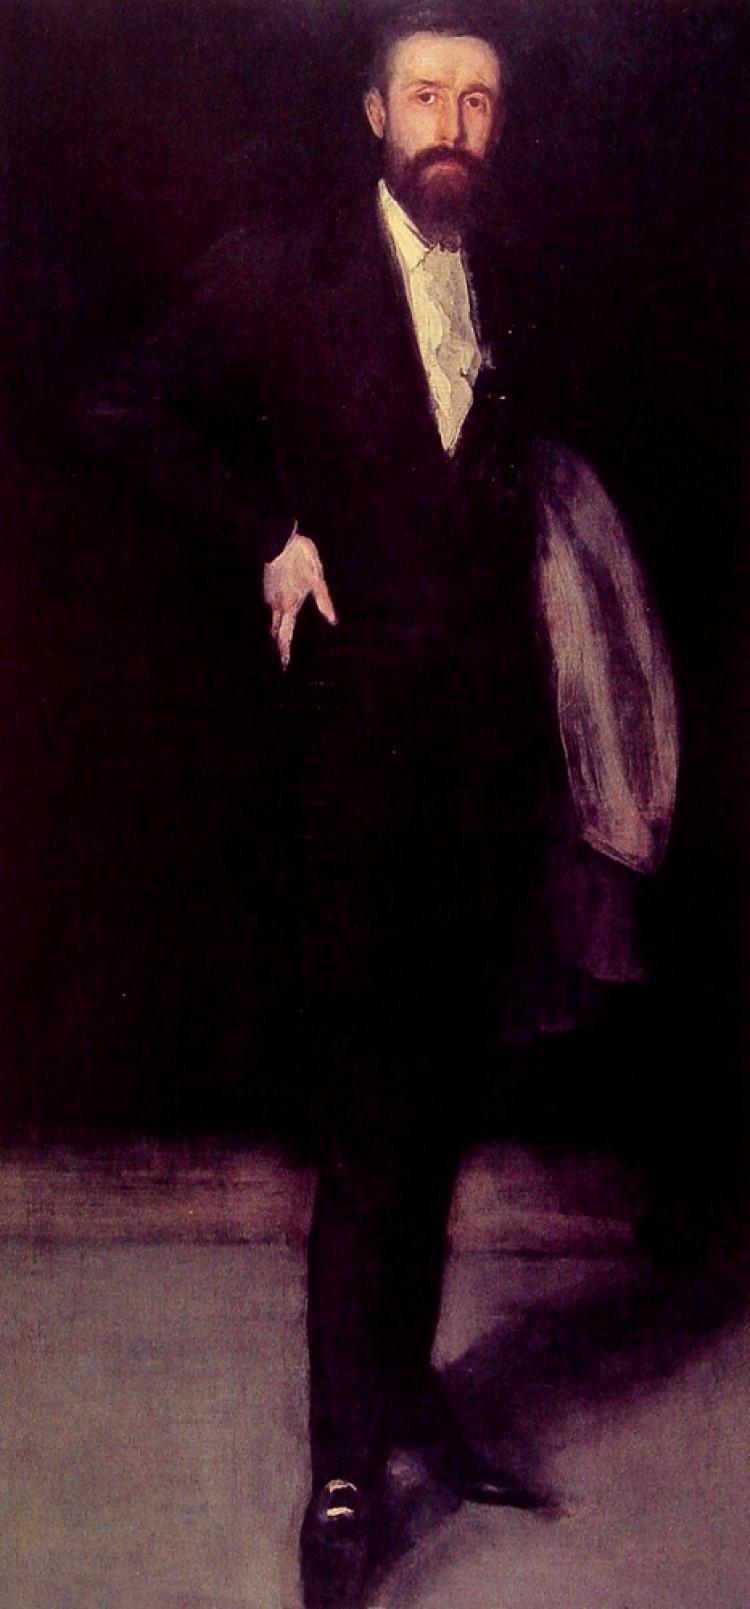 James Abbot McNeill Whistler. Arrangement in black: Portrait of F. R. Leyland